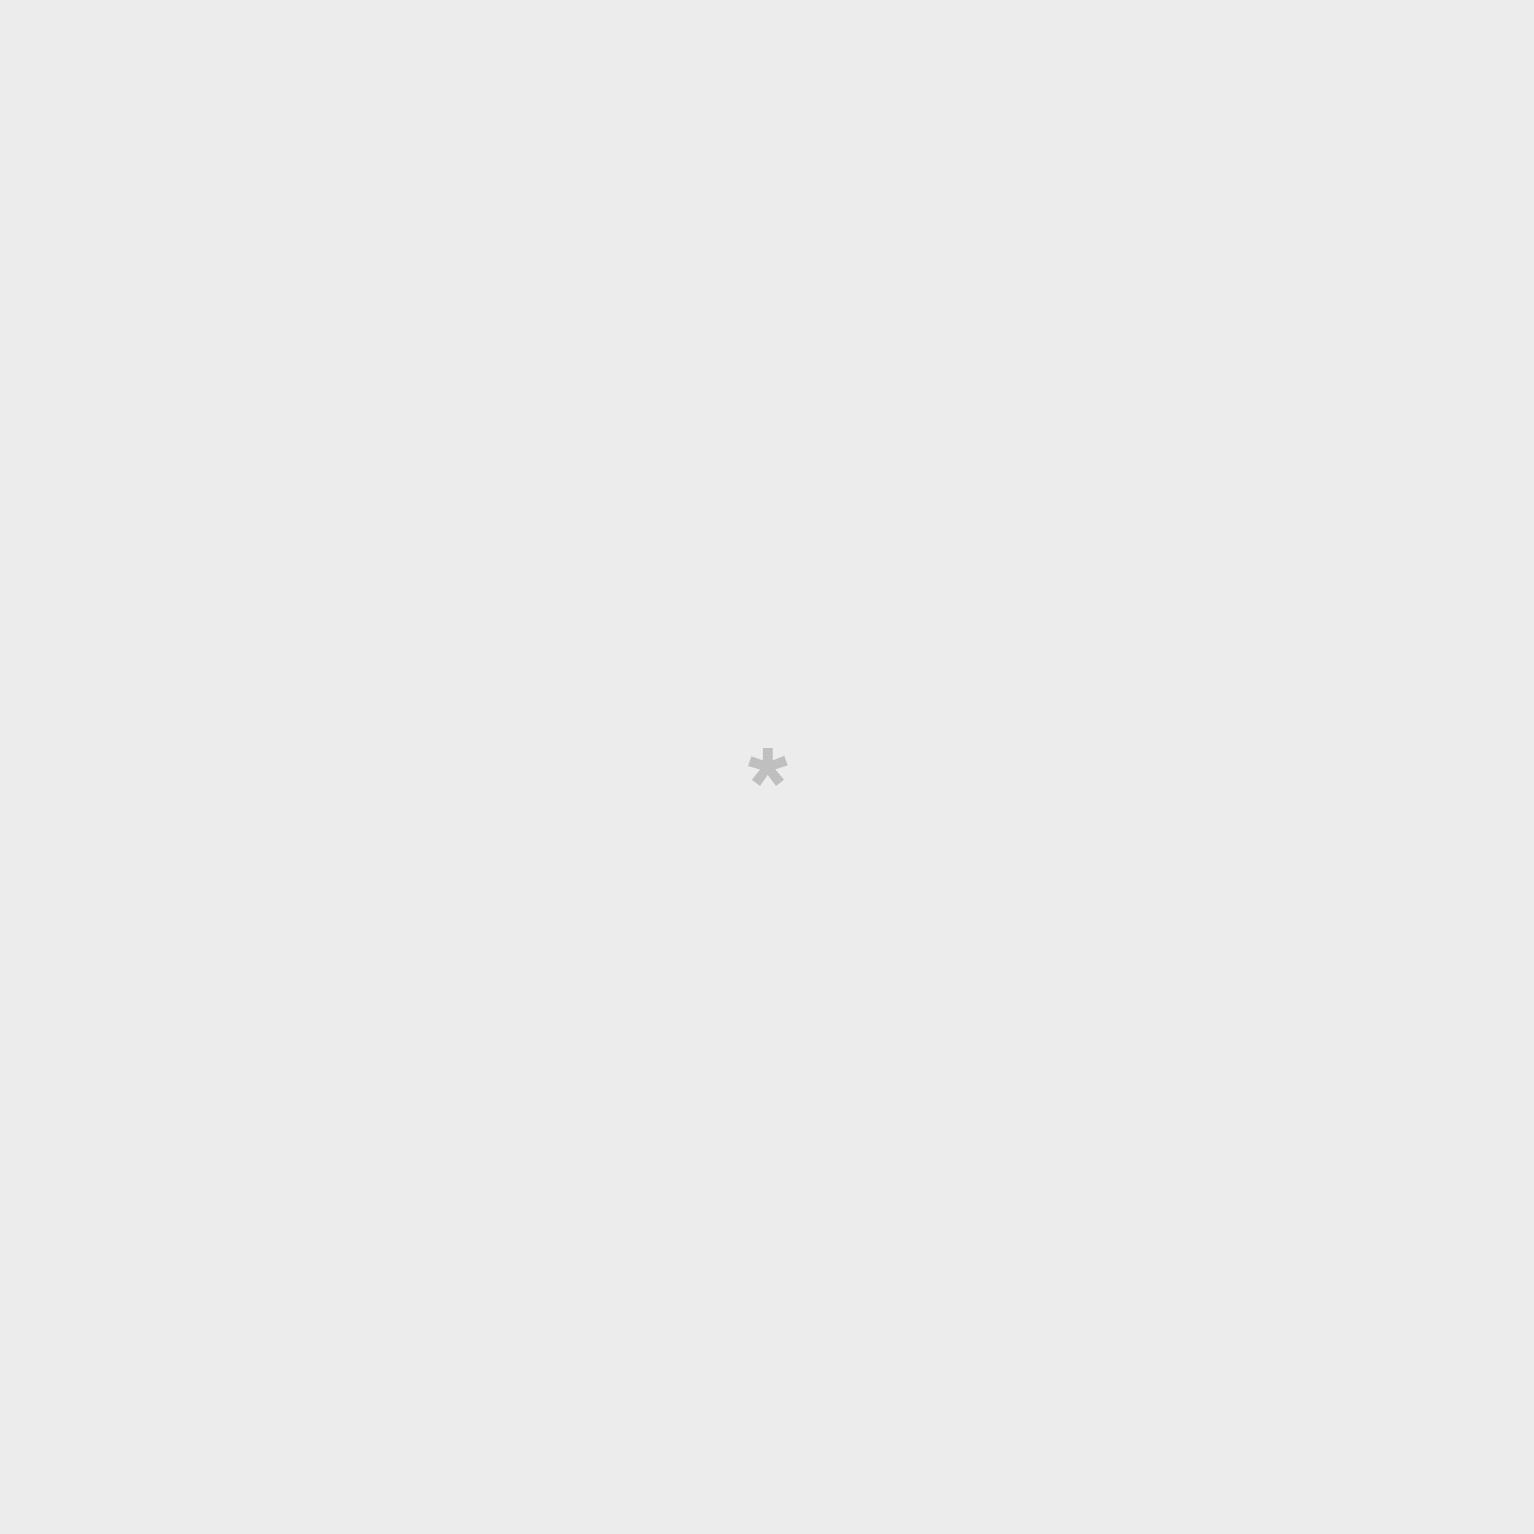 Cushion avocado without stone